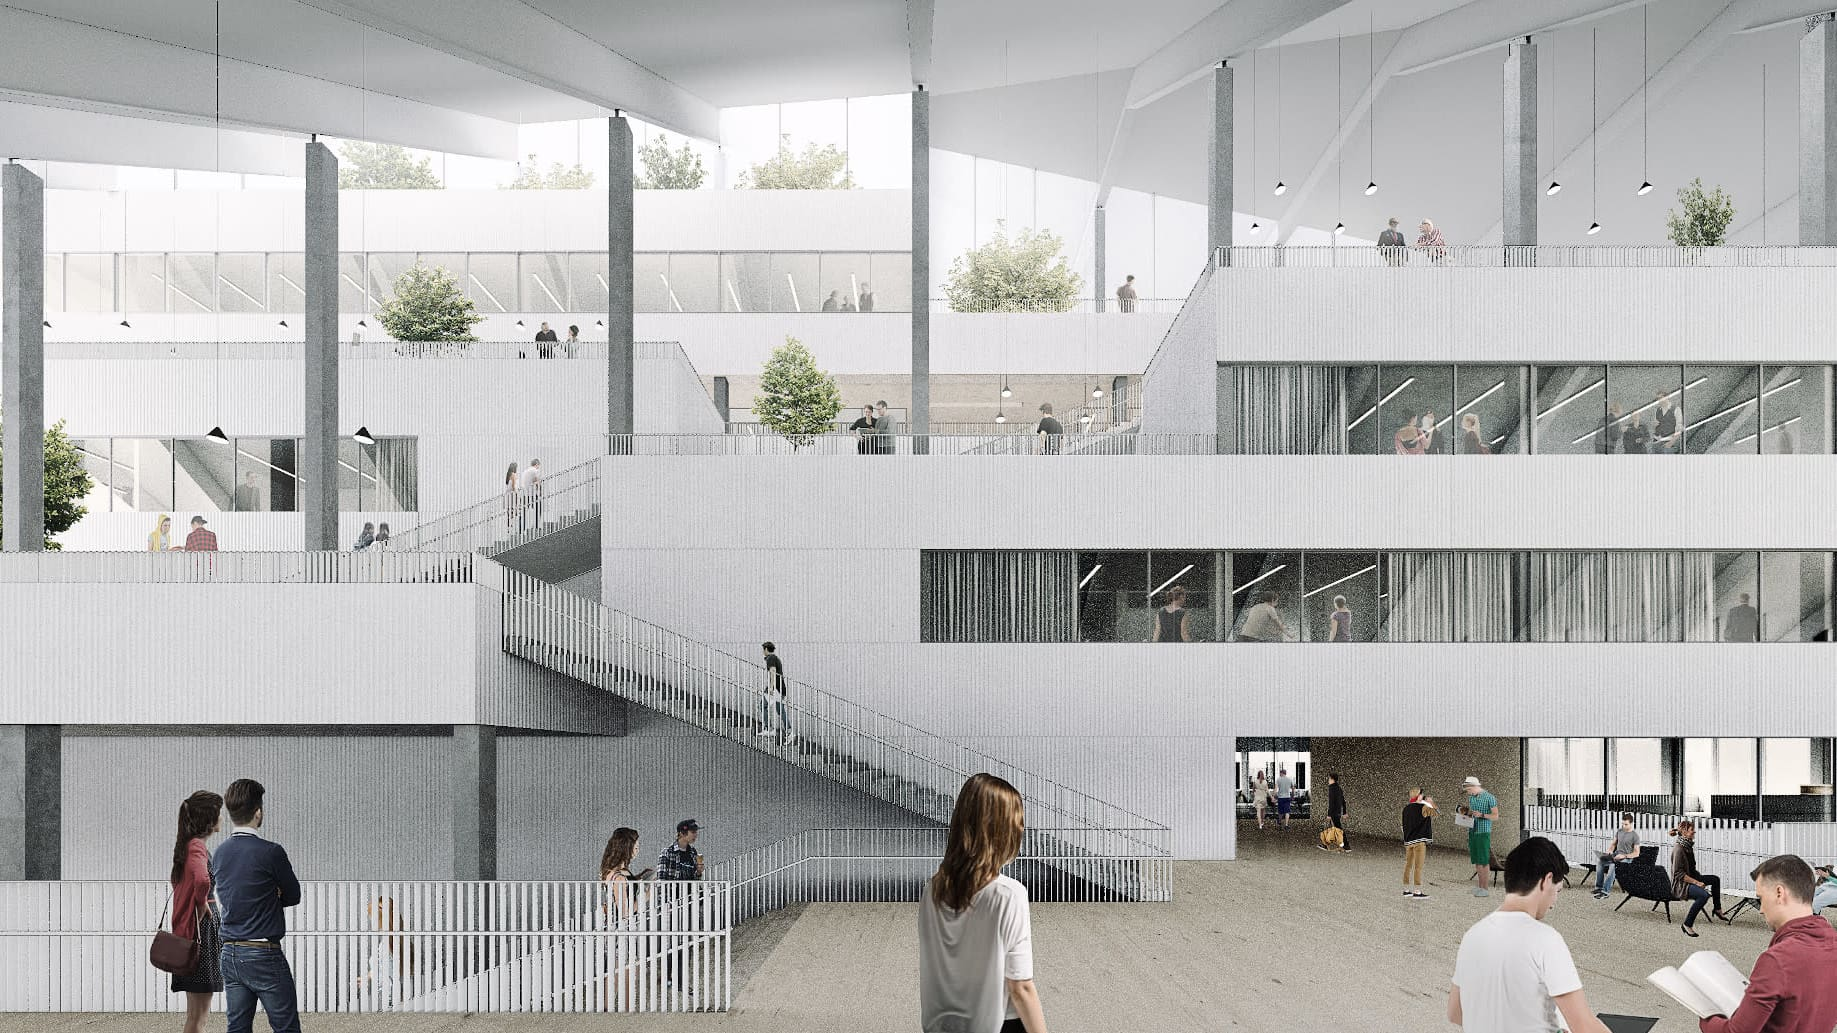 Havainnekuva uuden kampusrakennuksen aulasta.